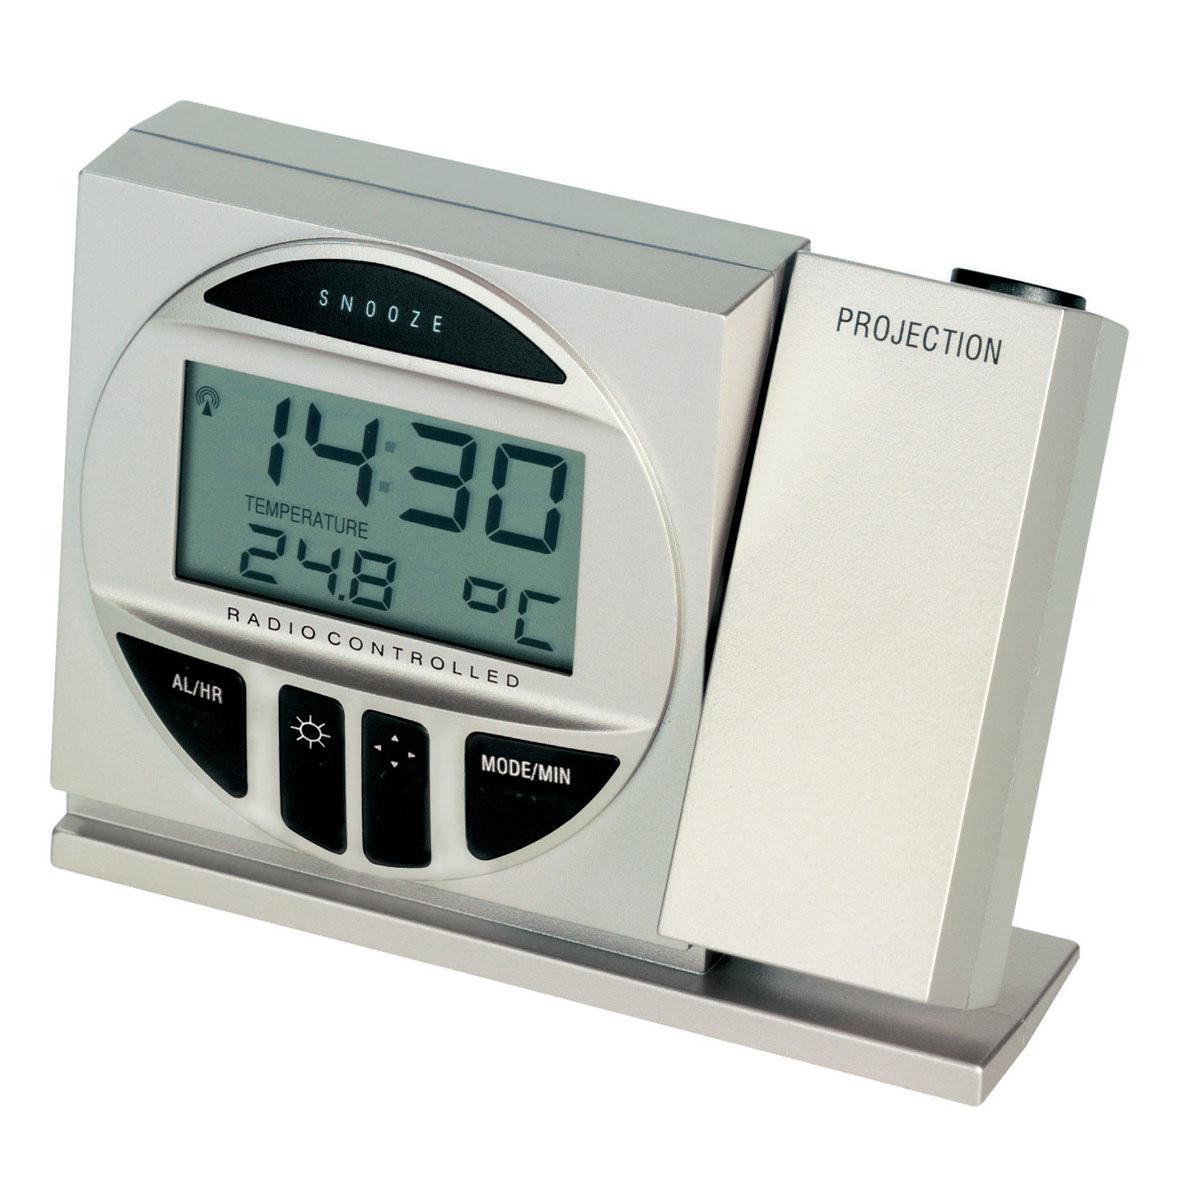 98-1009-funk-projektionswecker-mit-temperatur-1200x1200px.jpg